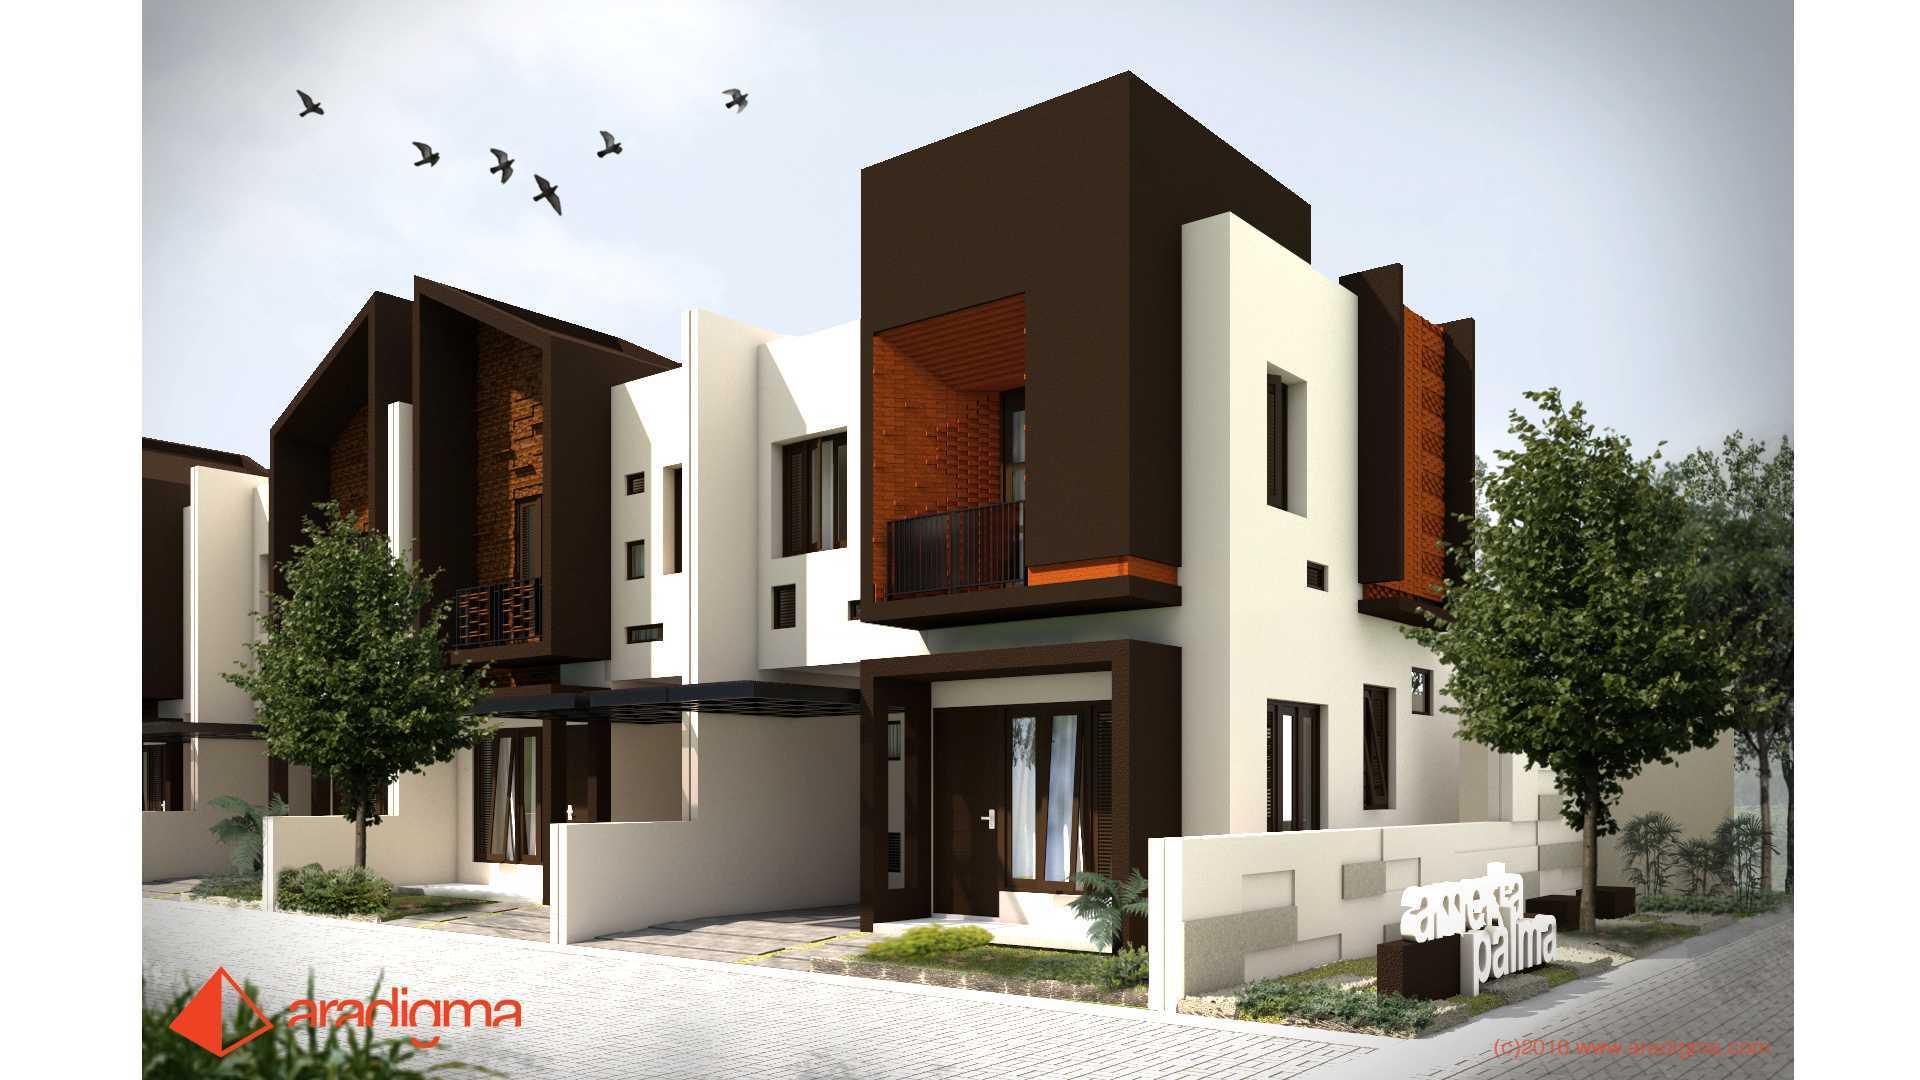 Aradigma Rumah Bima Malang Malang Side View Tropis,minimalis,kontemporer Desain Menarik Dengan Permainan Bidang, Massa Bangunan Dan Material 20104